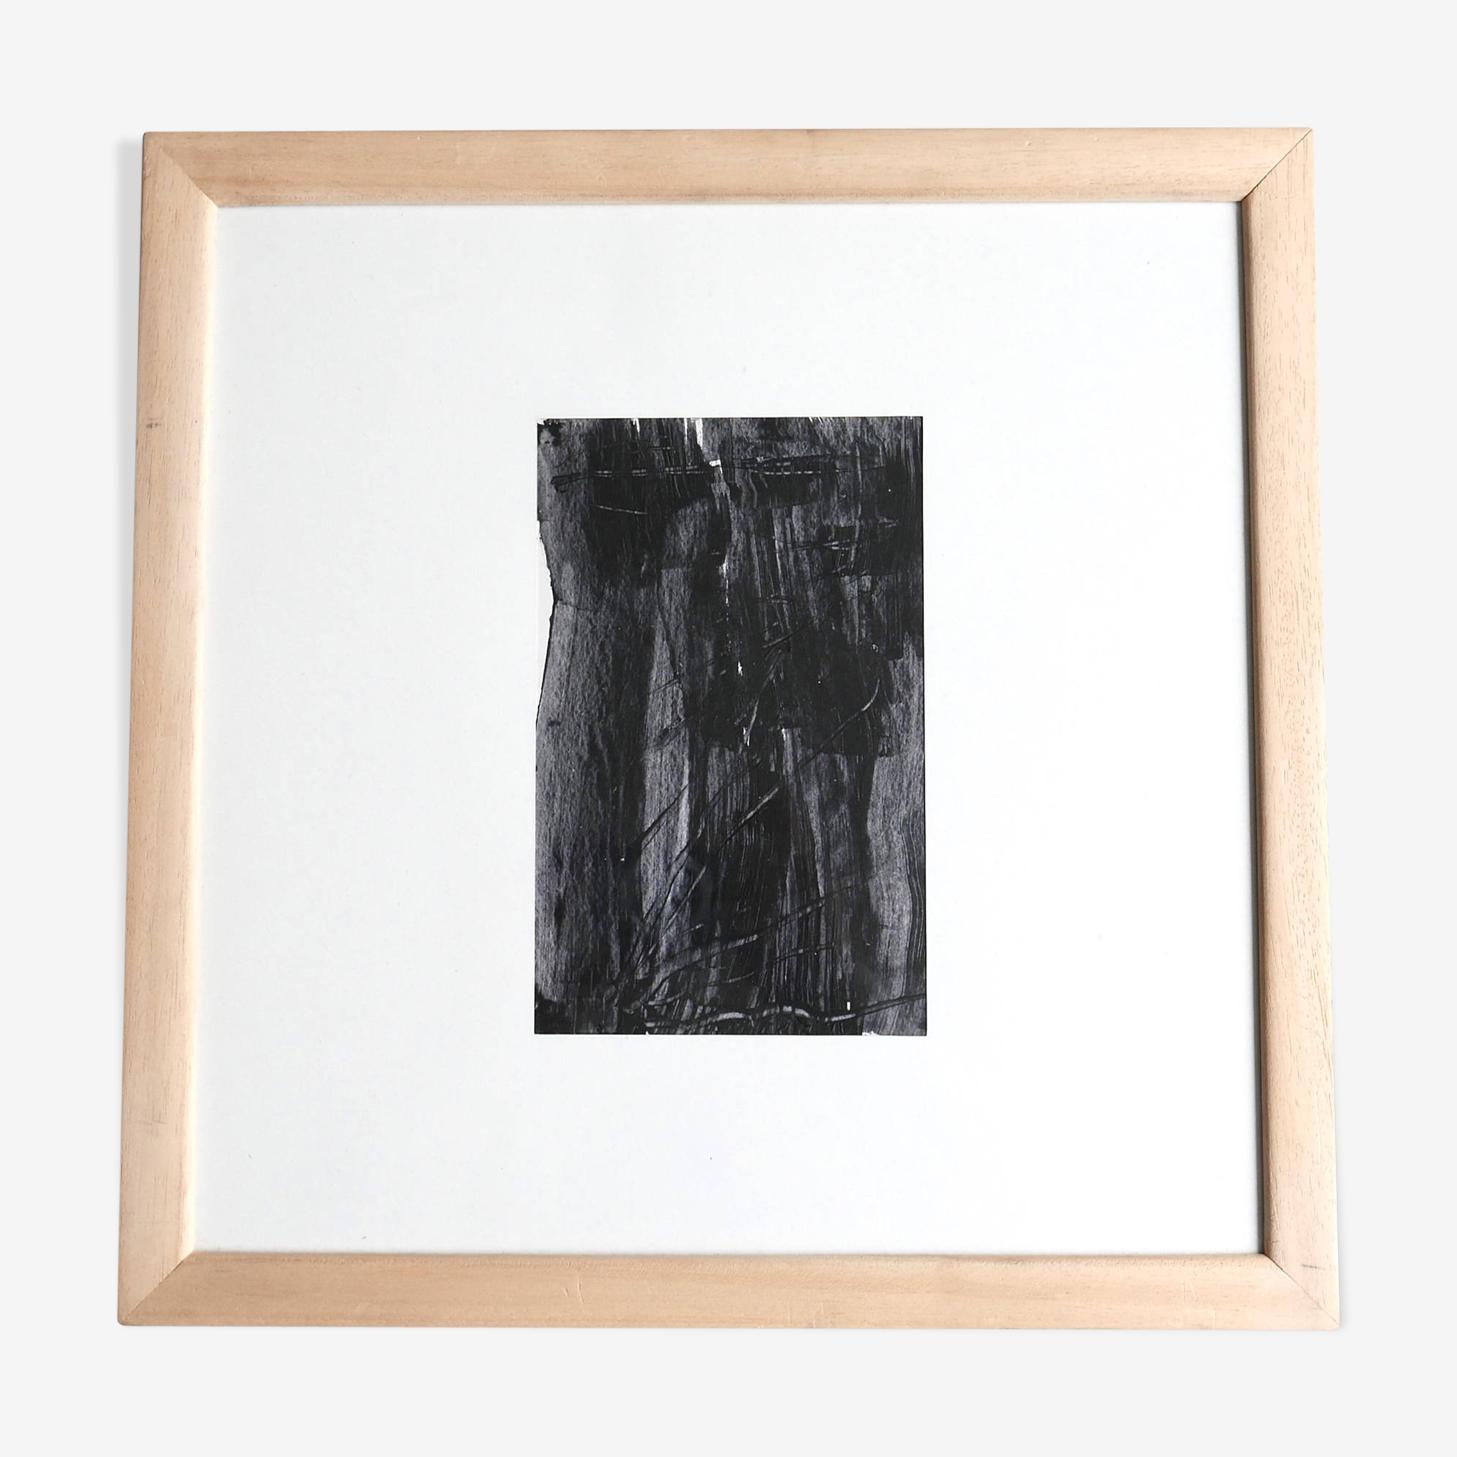 Peinture abstraite de Simone Bellet, années 80